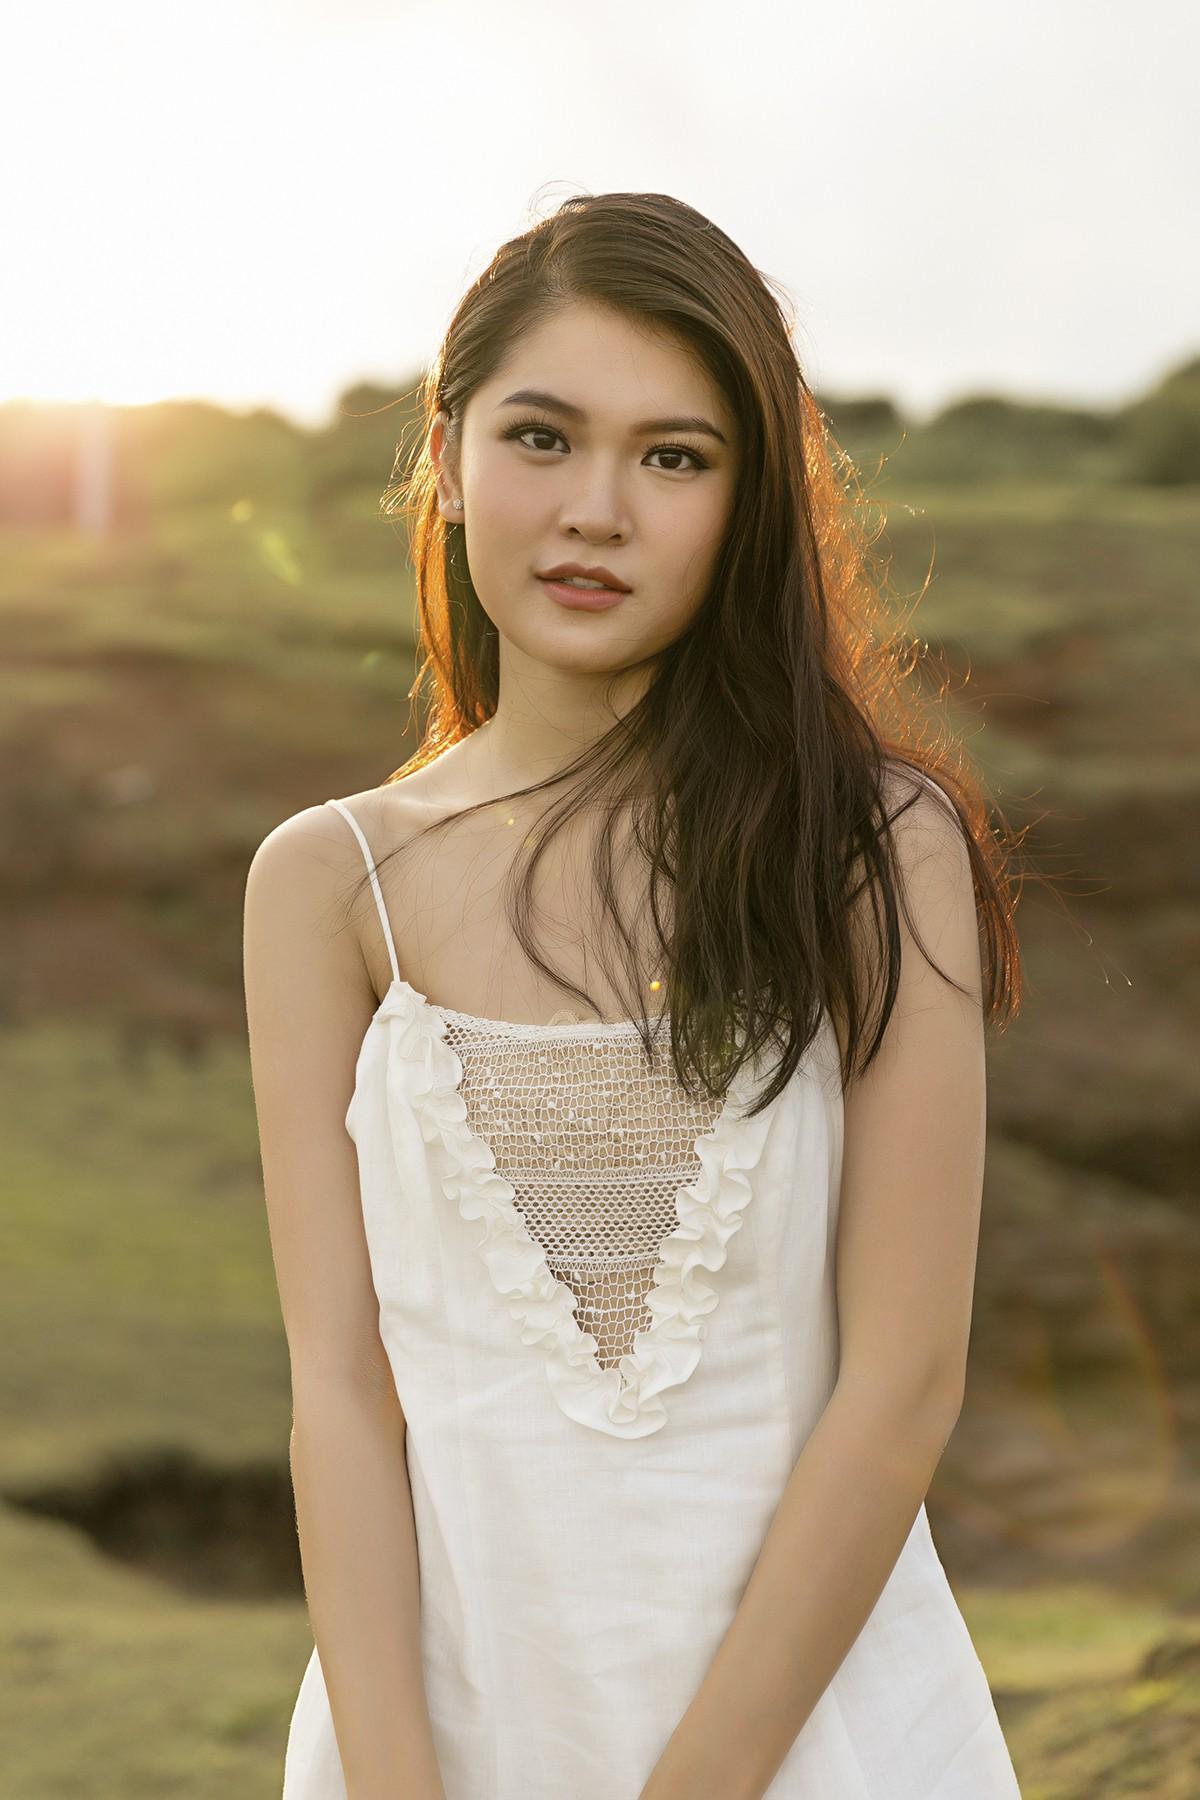 Không chỉ giỏi tiếng Anh, Thùy Dung còn trổ tài hát tiếng Nhật trong clip quảng bá vẻ đẹp biển đảo Việt Nam - Ảnh 3.